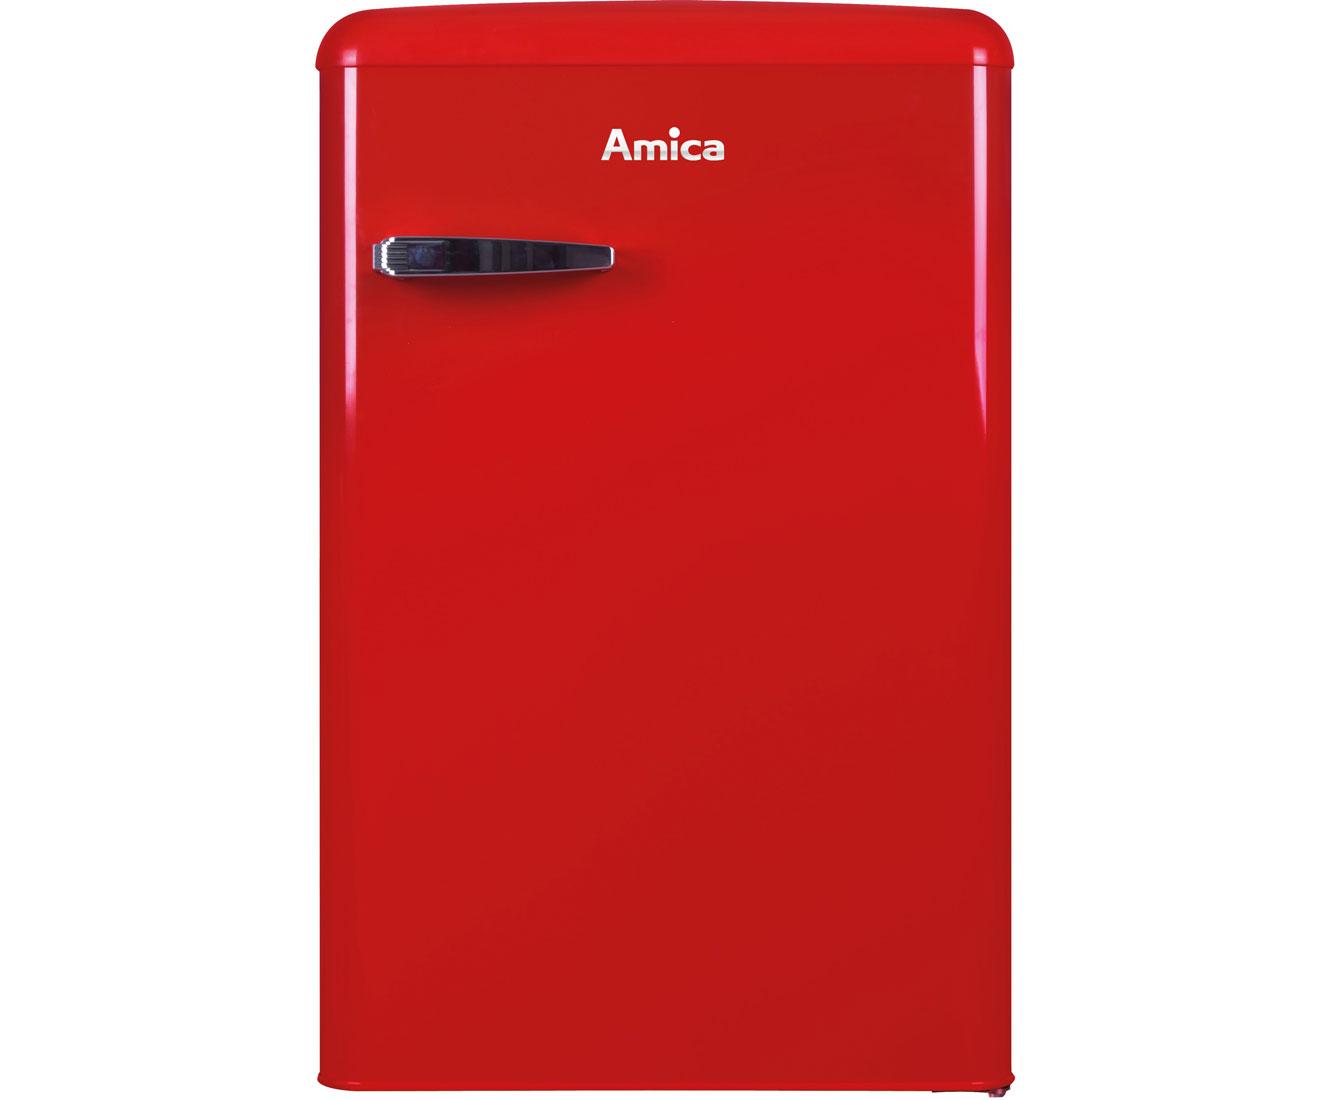 Amerikanischer Kühlschrank Vintage : Kühlschrank rot magnetfolie din a zum beschriften und